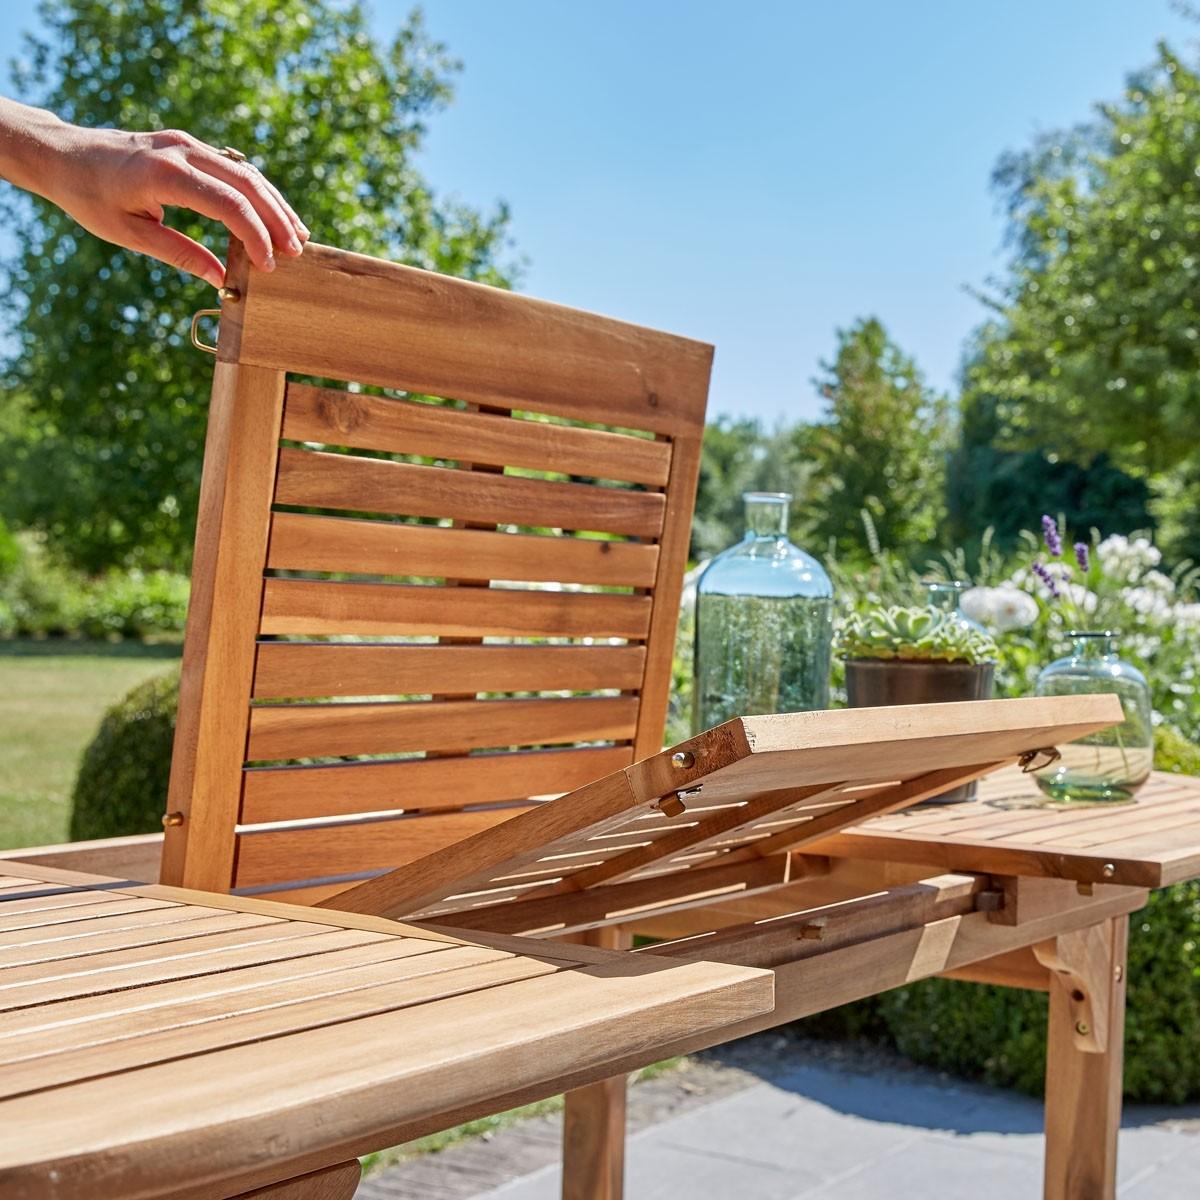 Salon de jardin en bois d 39 acacia extensible 6 8 places fsc bois dessus bois dessous - Huile pour salon de jardin acacia ...